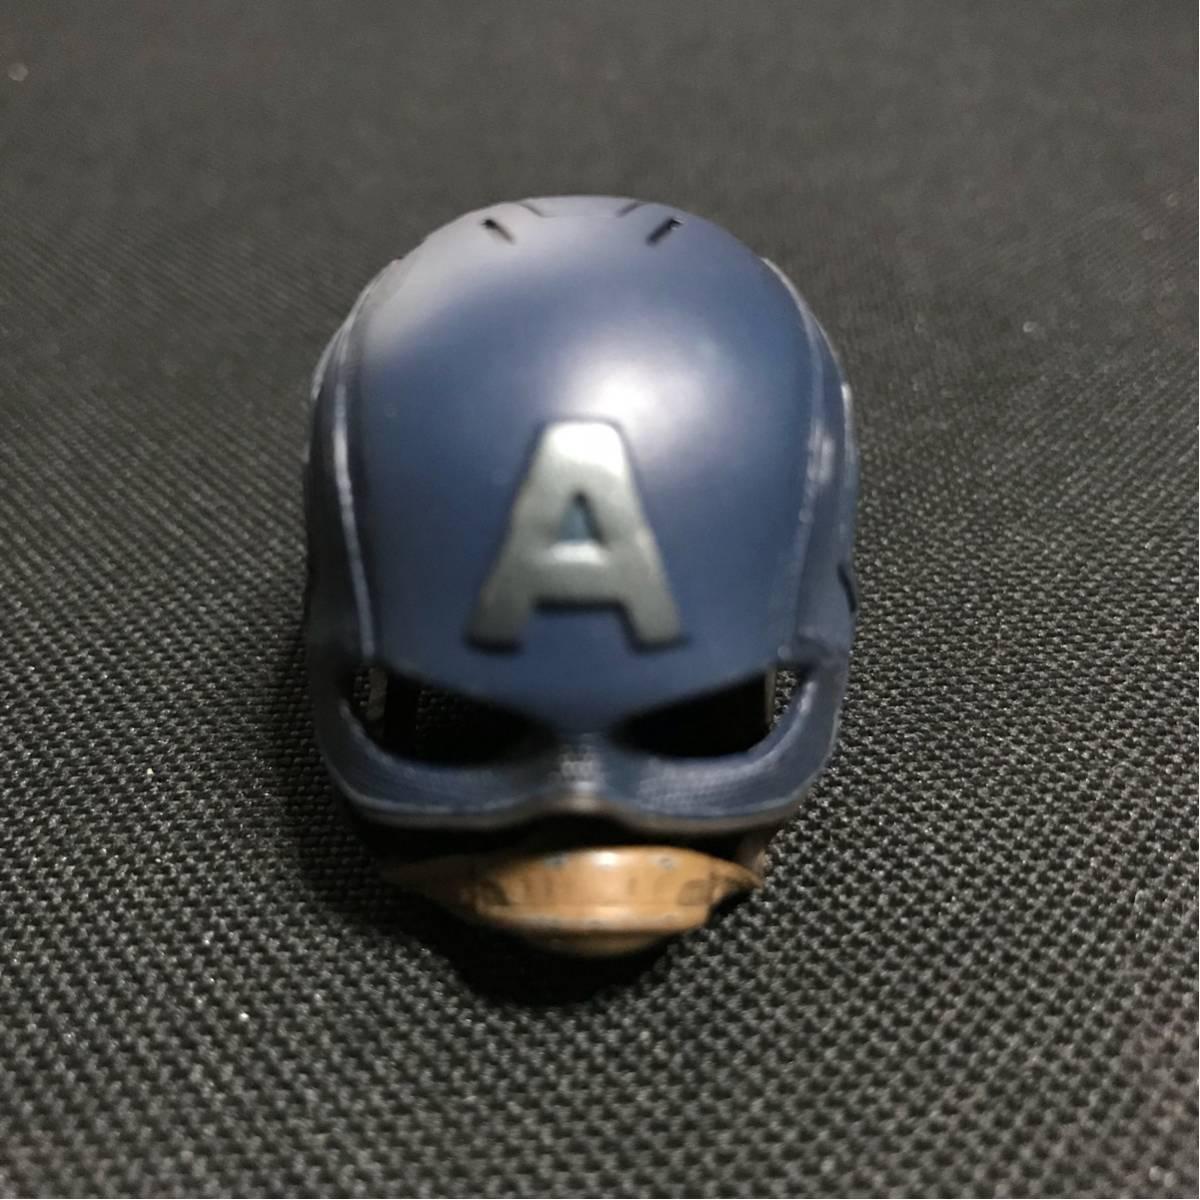 1/6 ホットトイズ キャプテンアメリカ ヘルメット 装着不可 映画グッズの画像